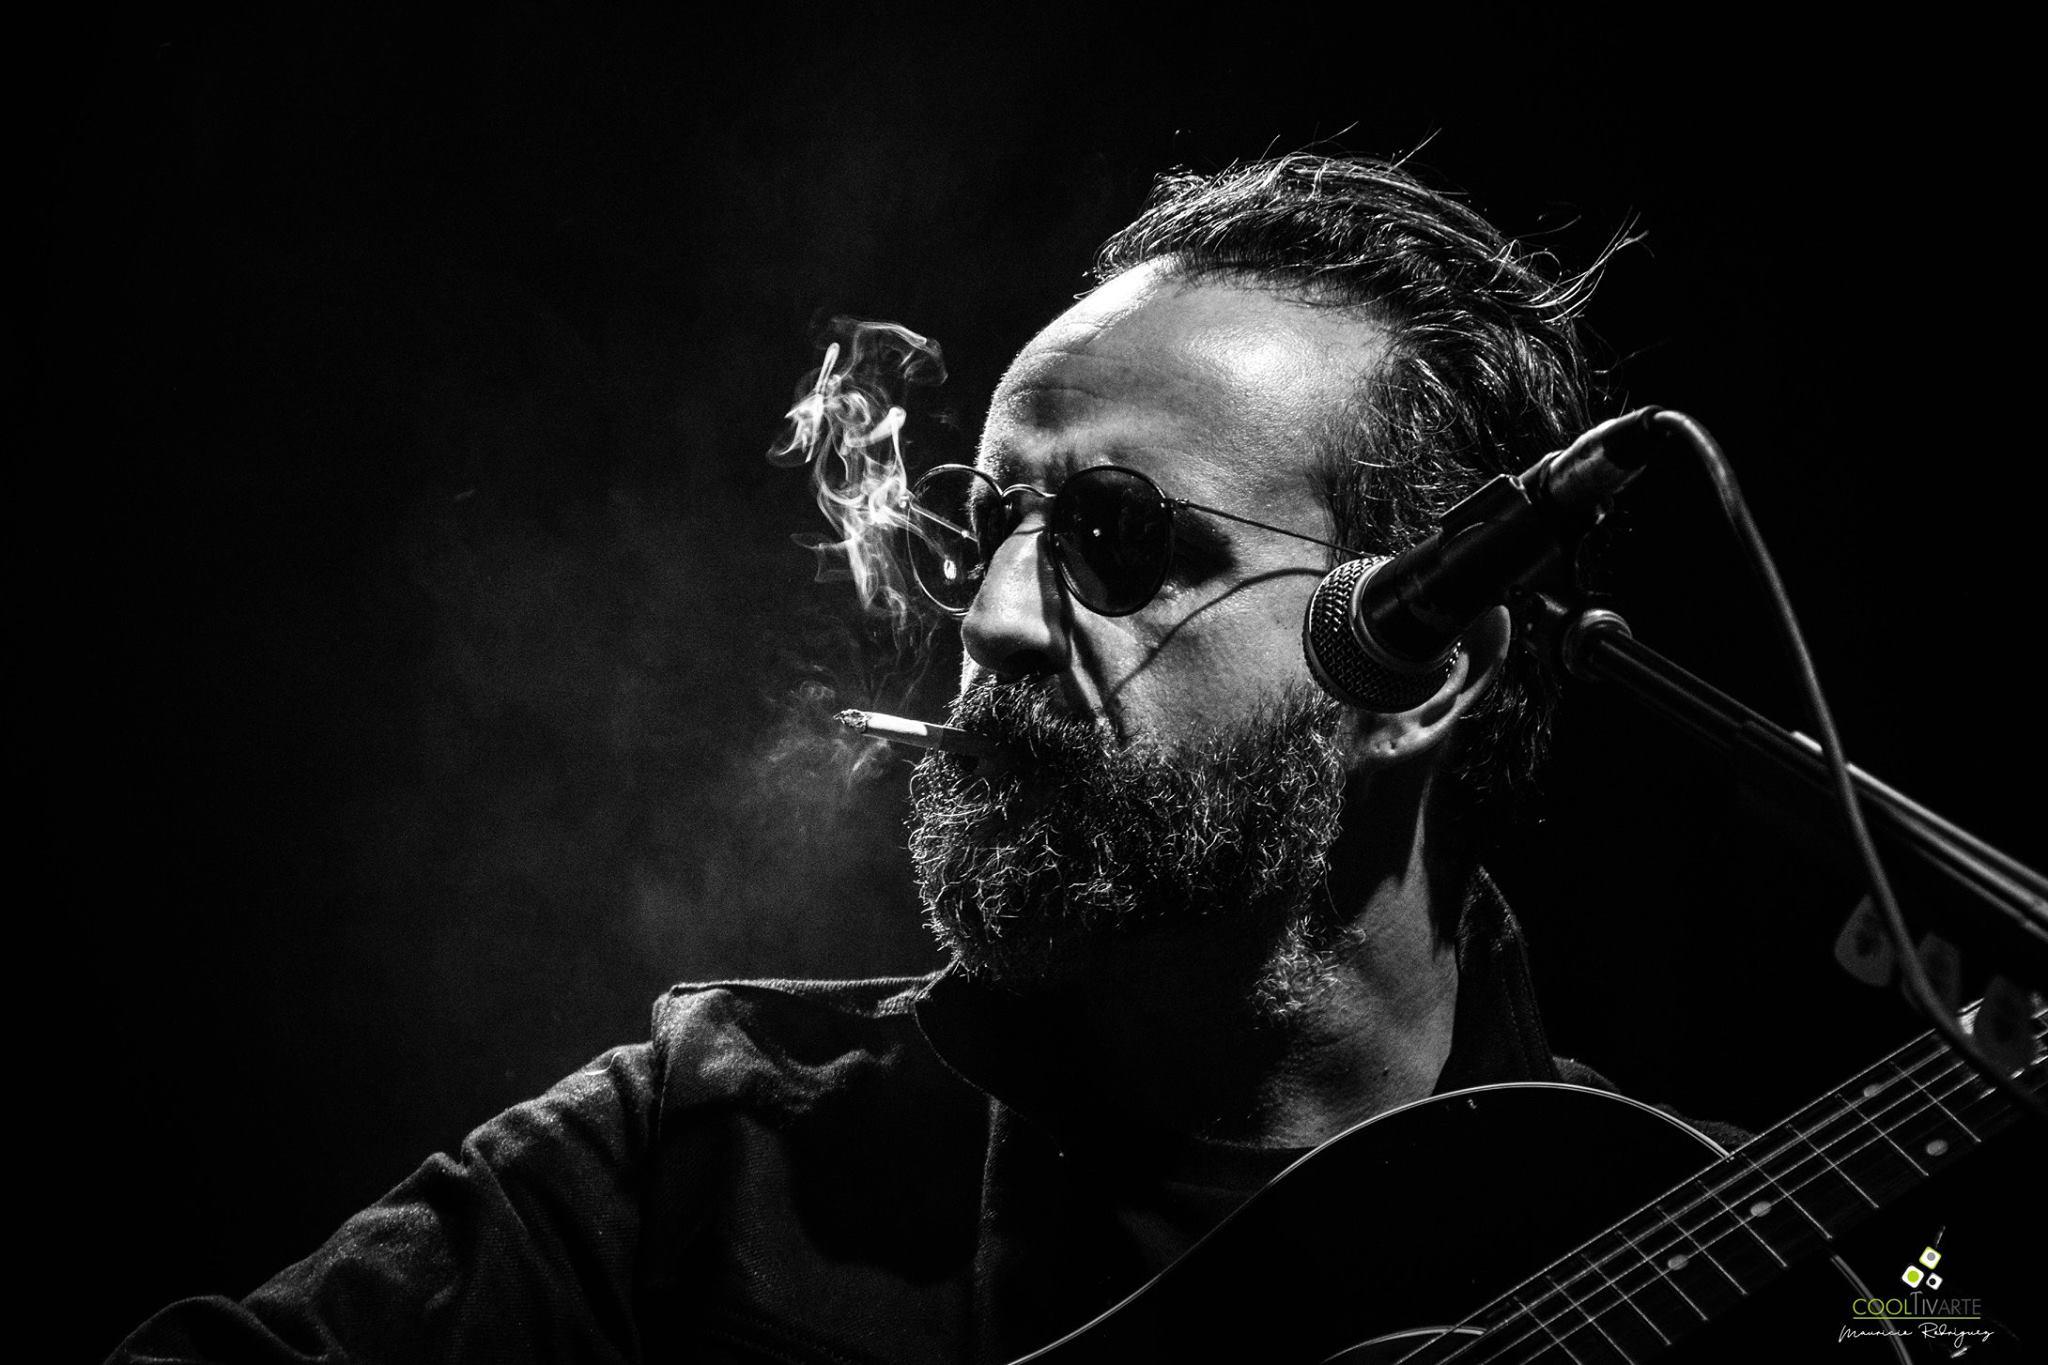 MOLOTOV OFICIAL Molotov Unplugged en La Trastienda Samsung MVD 02.10.18 Fotografía: Mauricio Rodríguez